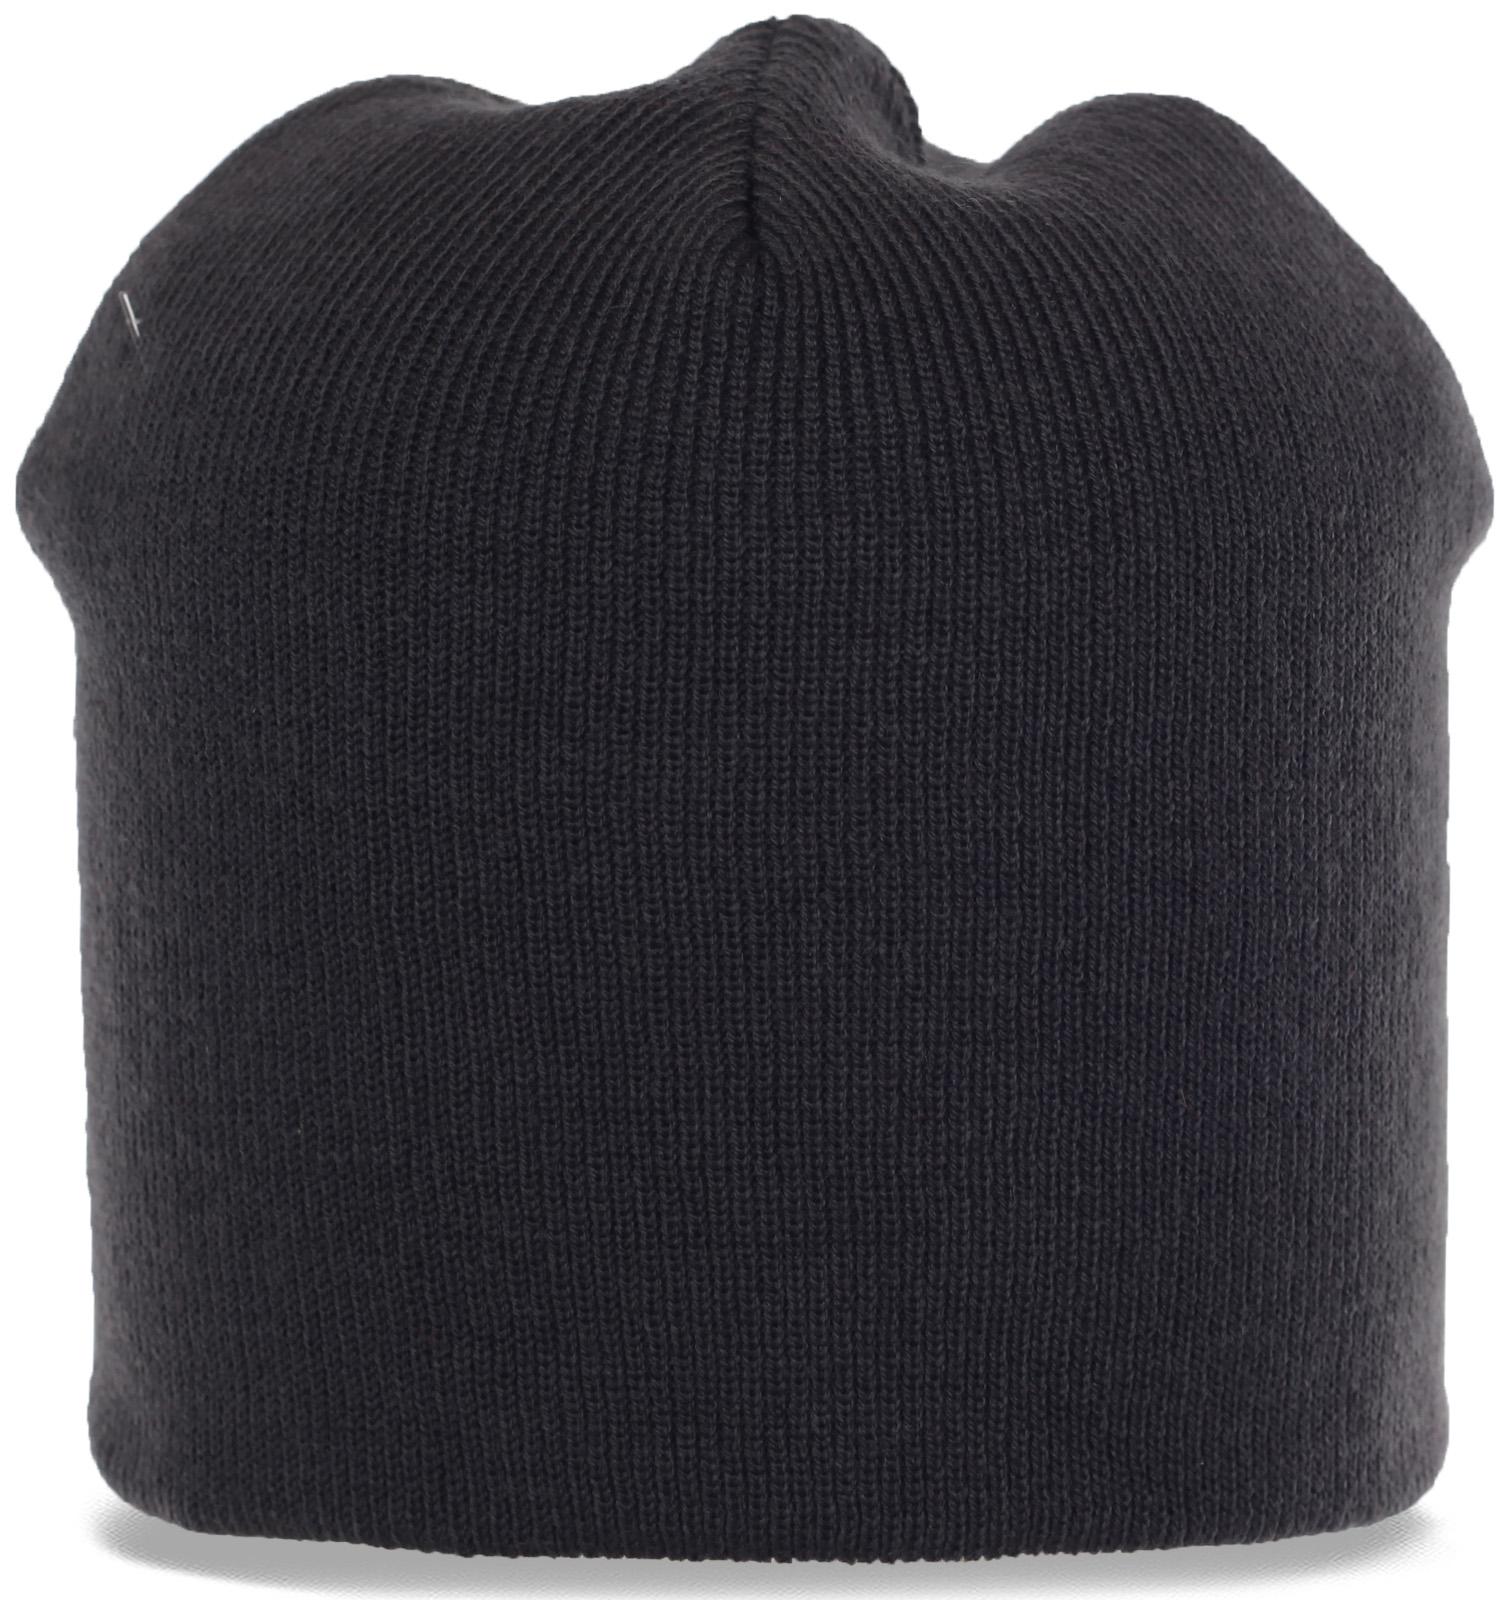 Черная трикотажная шапка бини